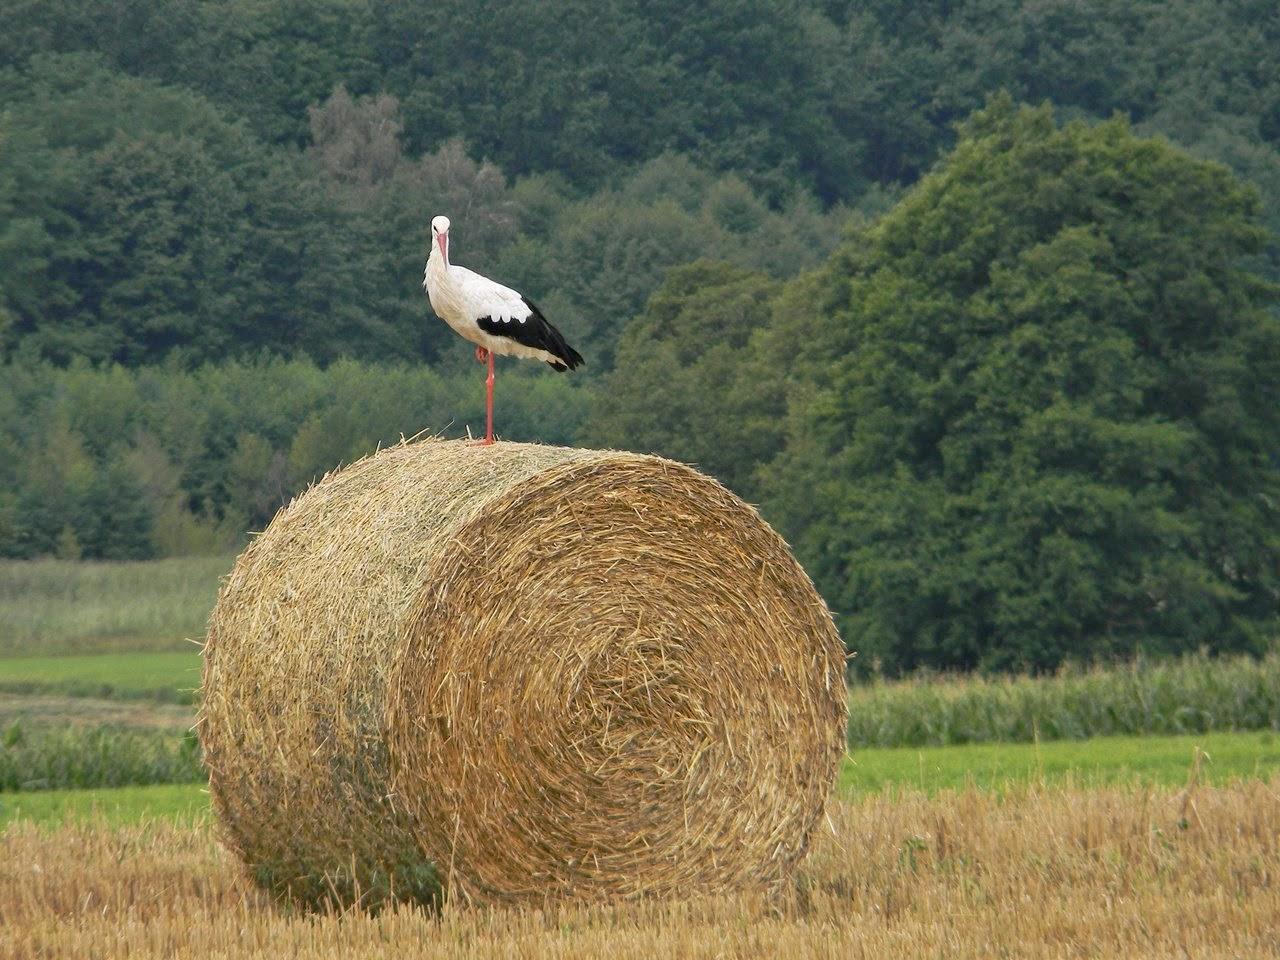 ptaki, bocian biały, przyroda, pola